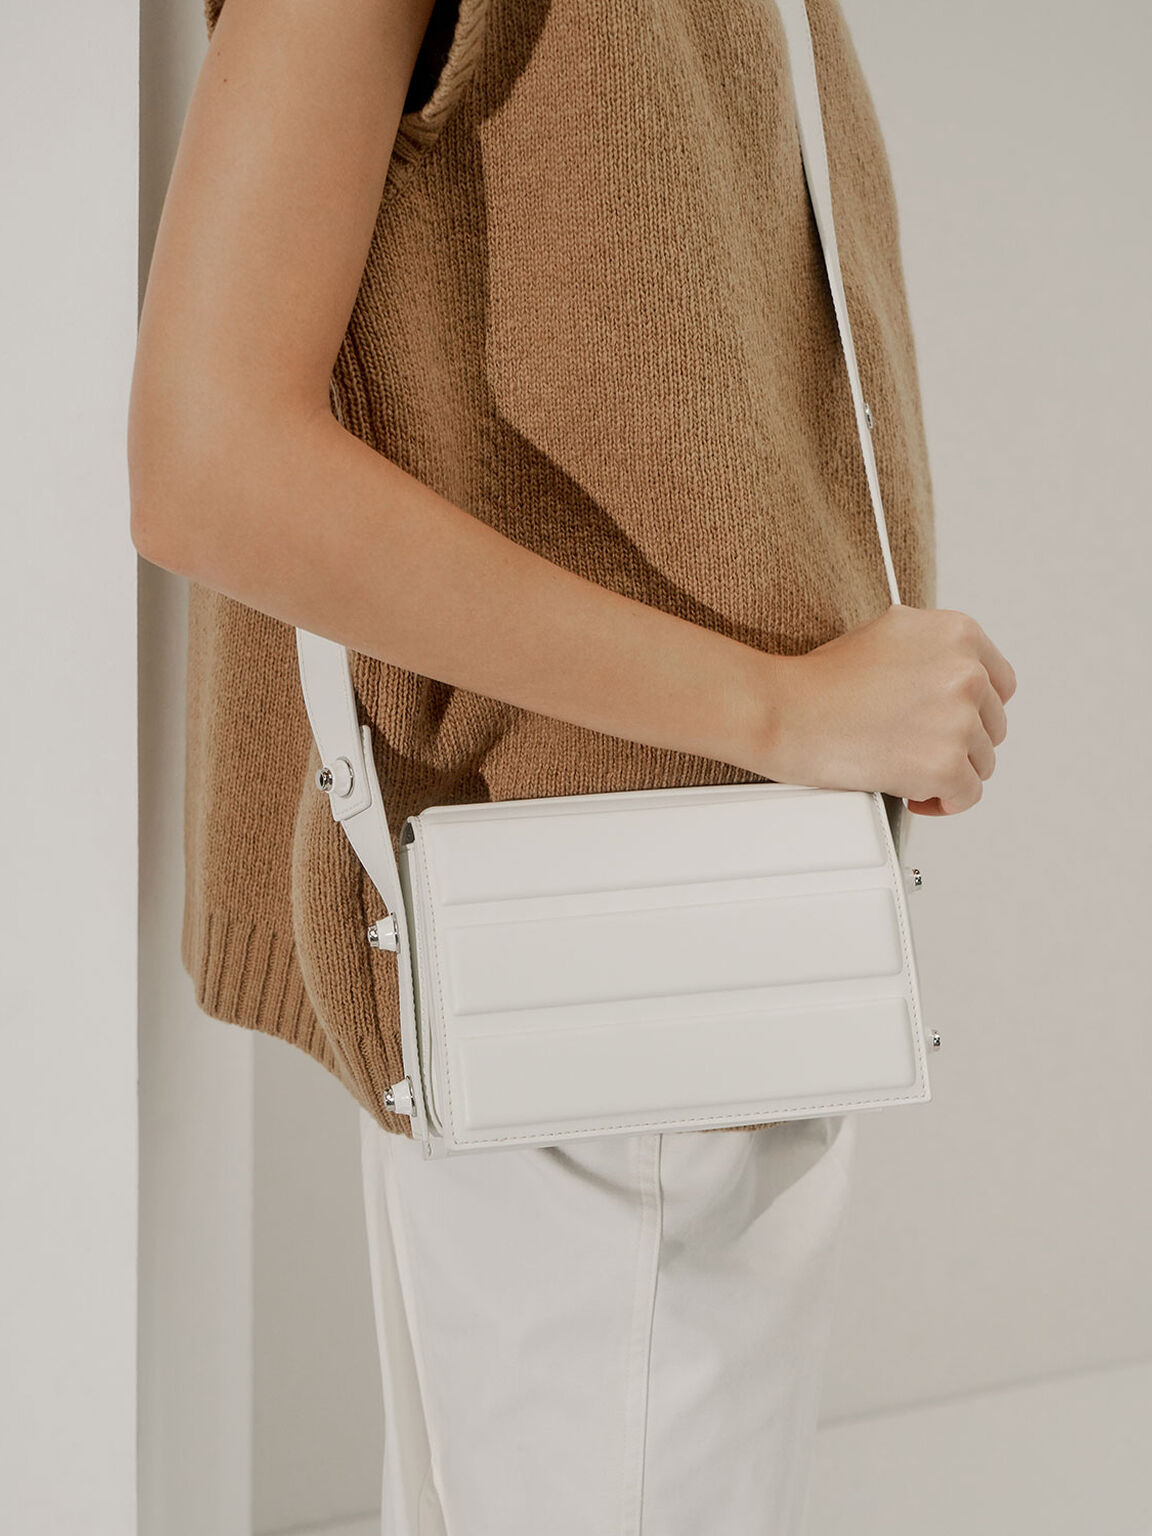 Eyelet-Embellished Top Handle Bag, White, hi-res